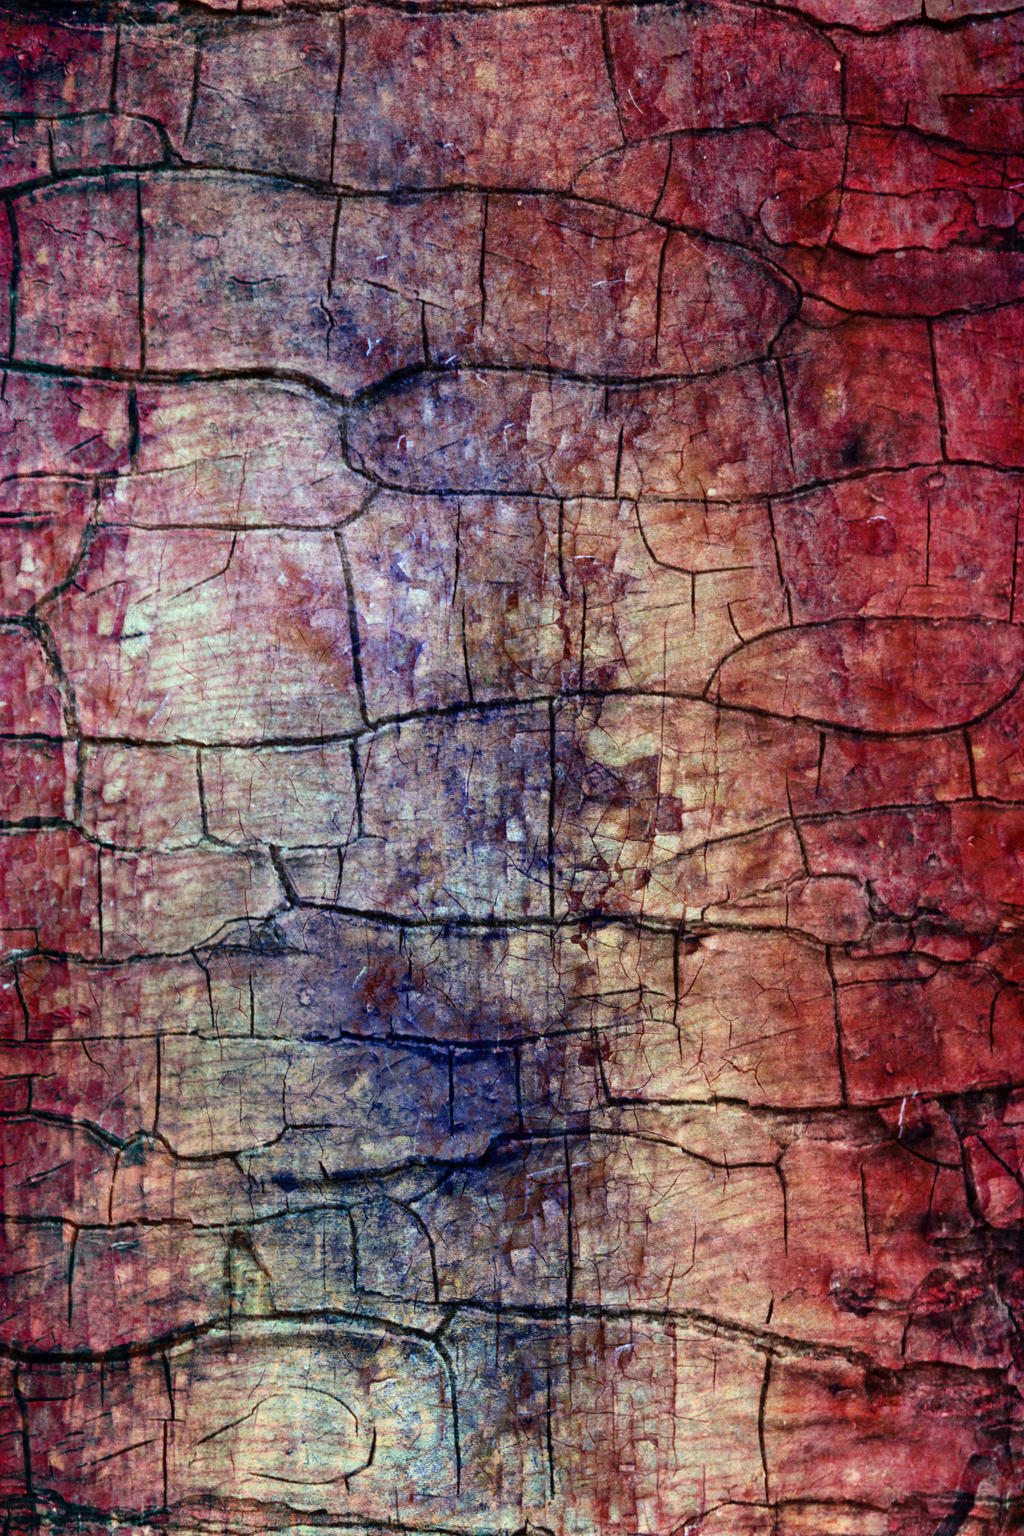 Texture 502 by Sirius-sdz